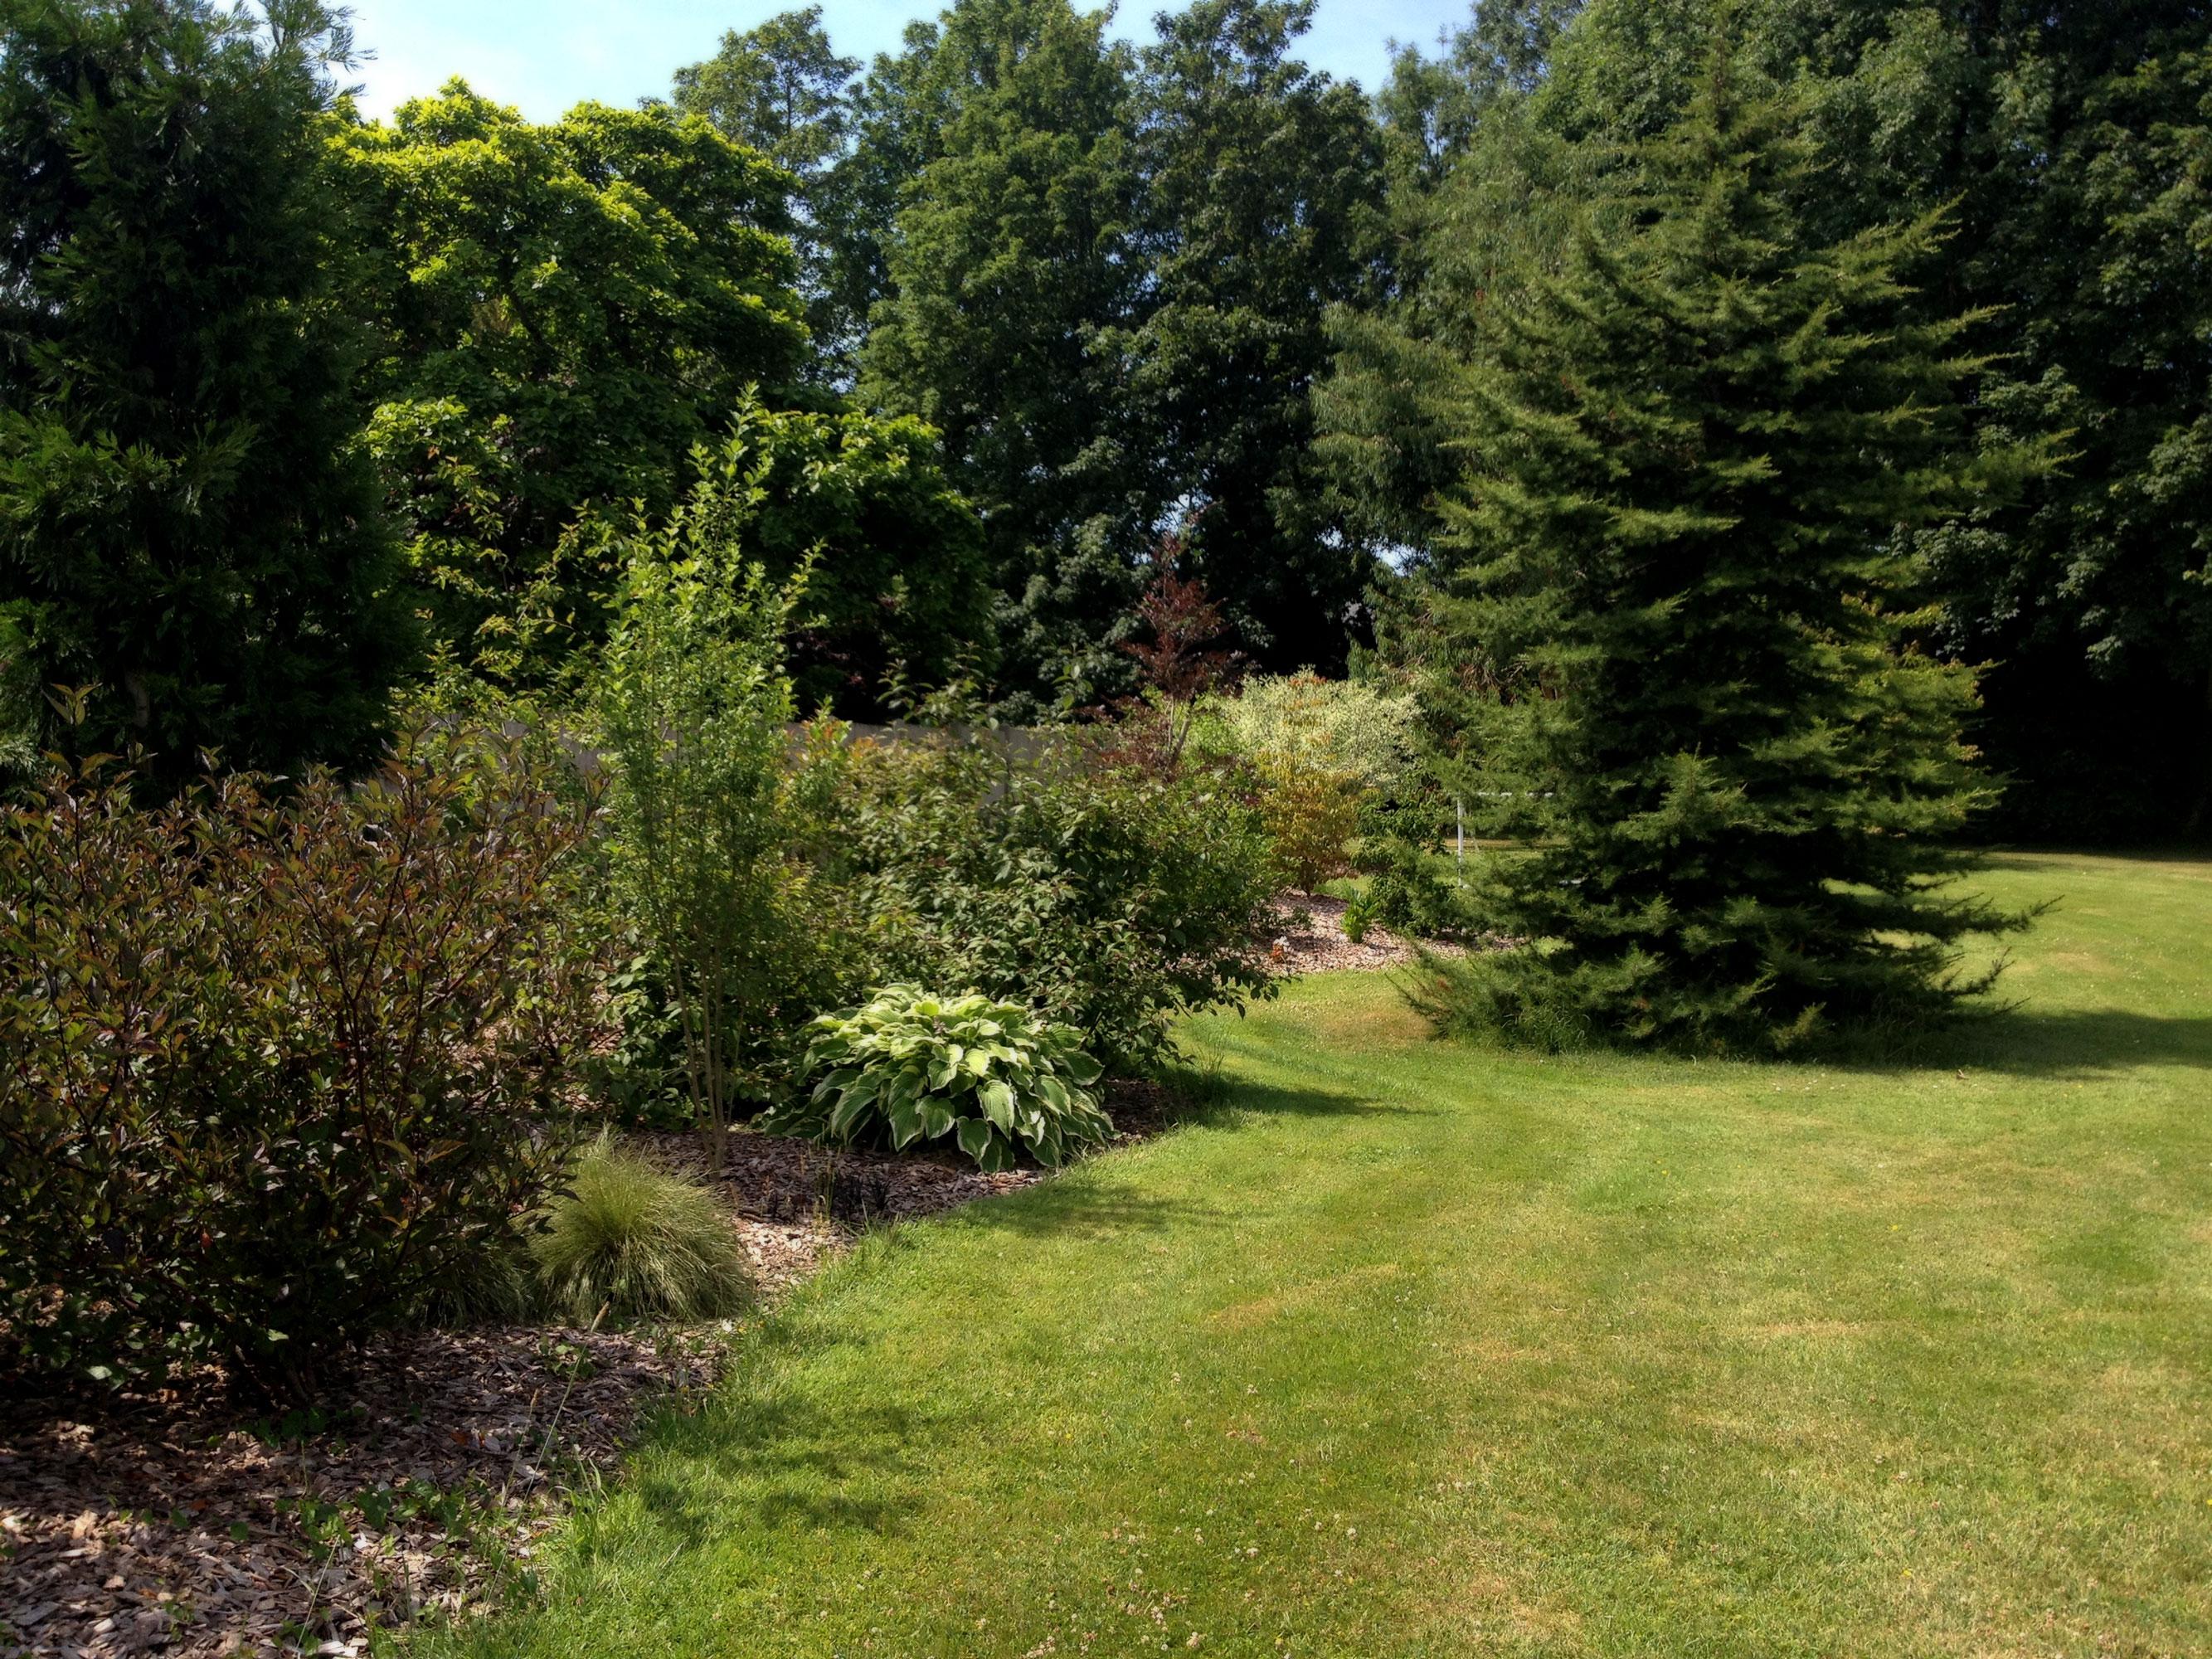 Vert Iris, bureau d'étude paysagère en Normandie - Création de jardin